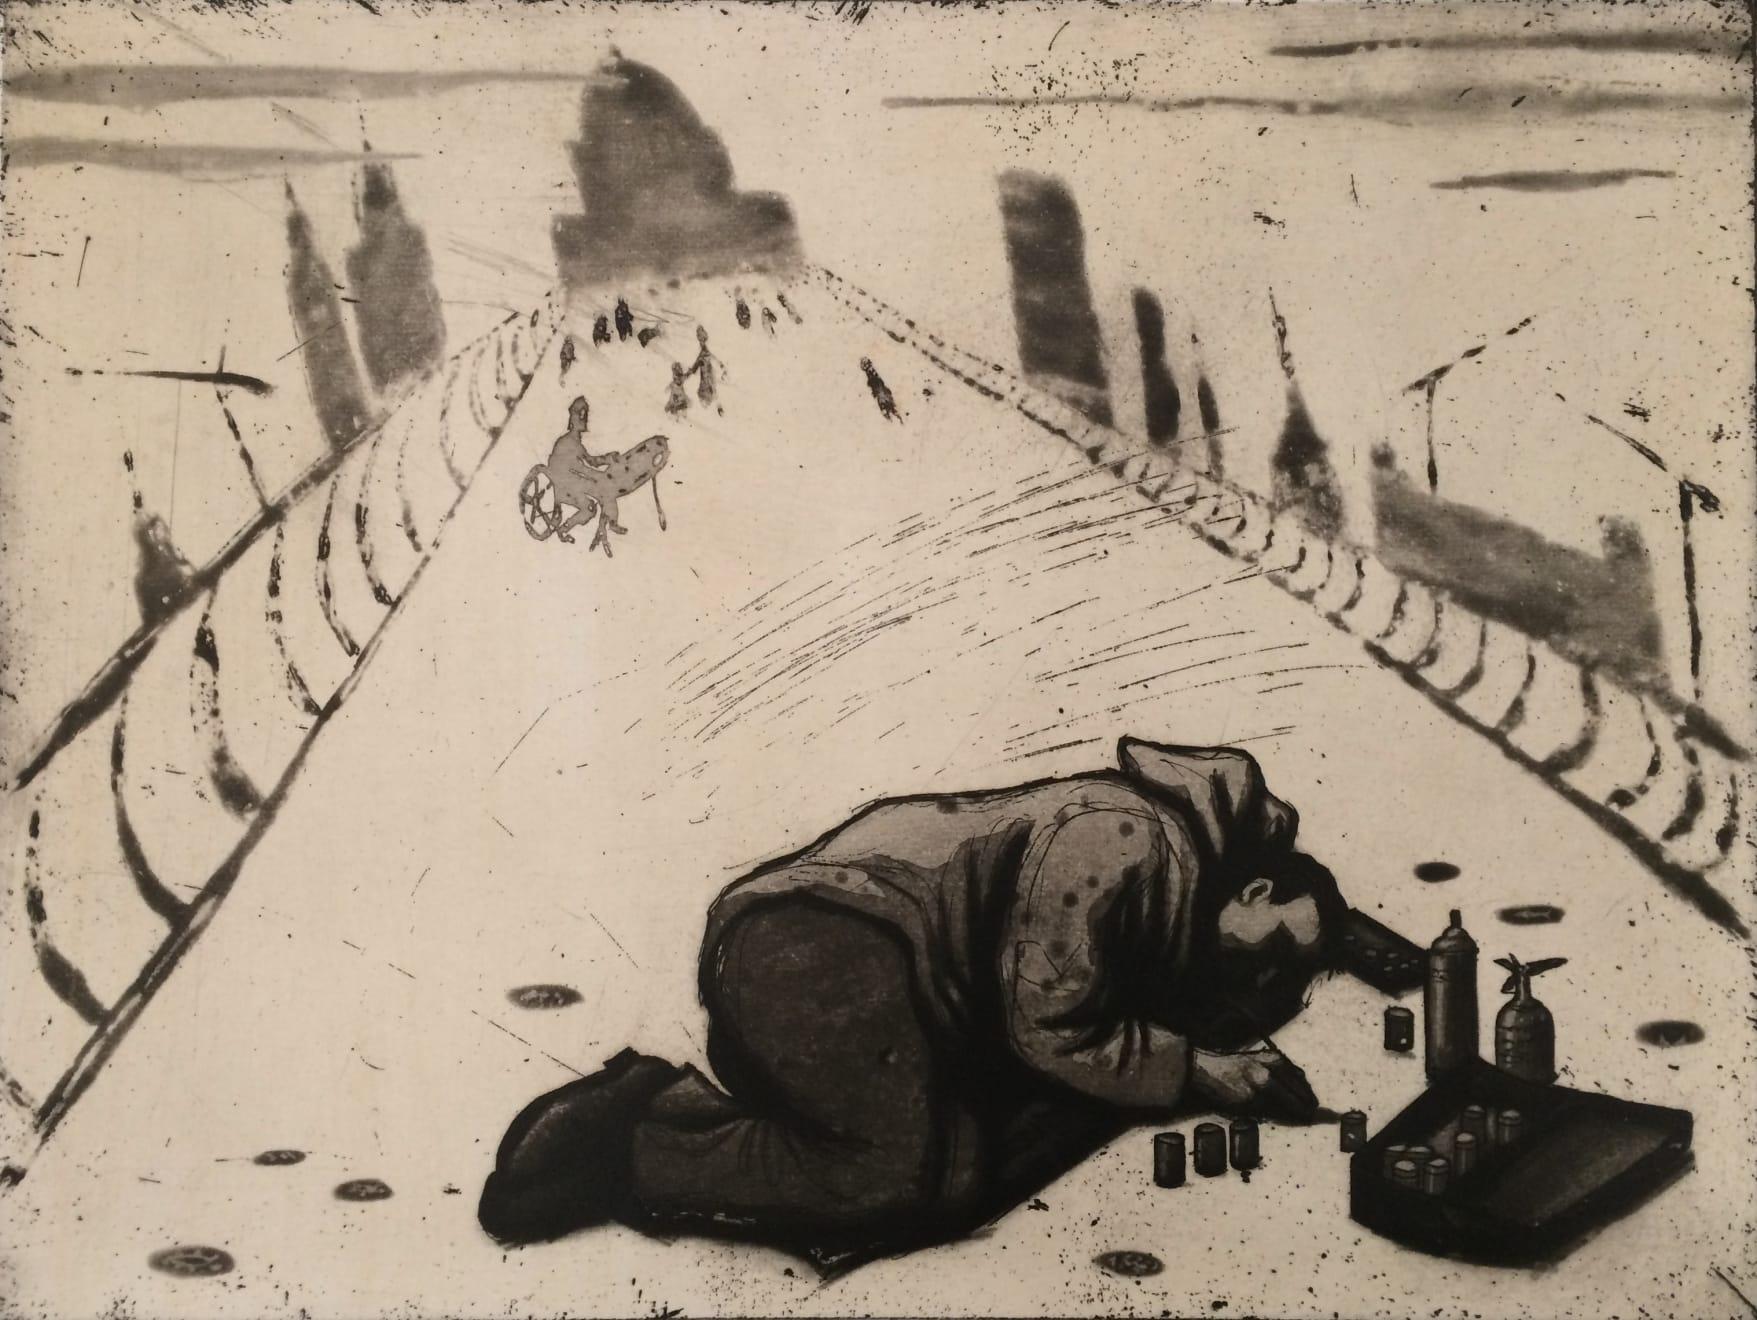 Mychael Barratt, Urban Myths III - The chewing gum artist